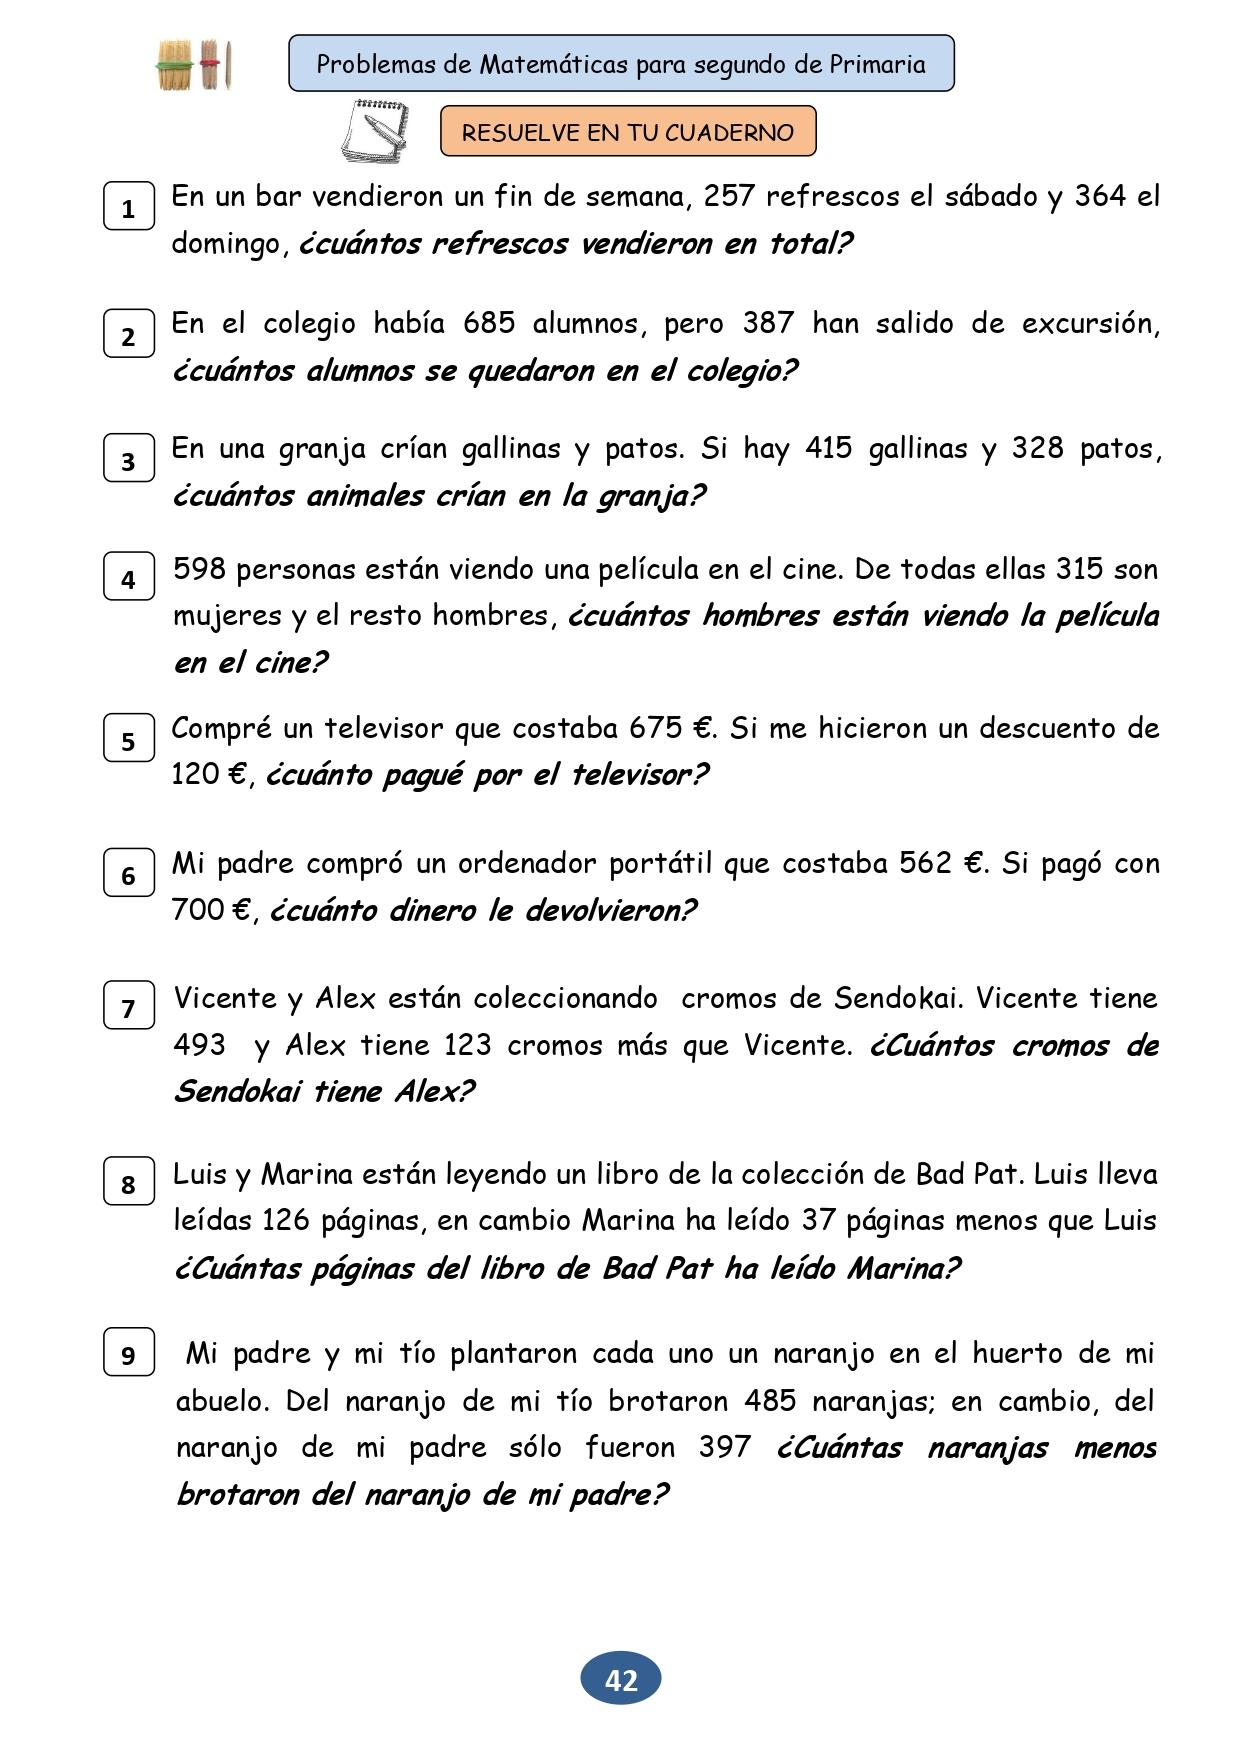 Ejercicios-De-Matem-ticas-Para-Segundo-Grado-De-Primaria-Pdf-42